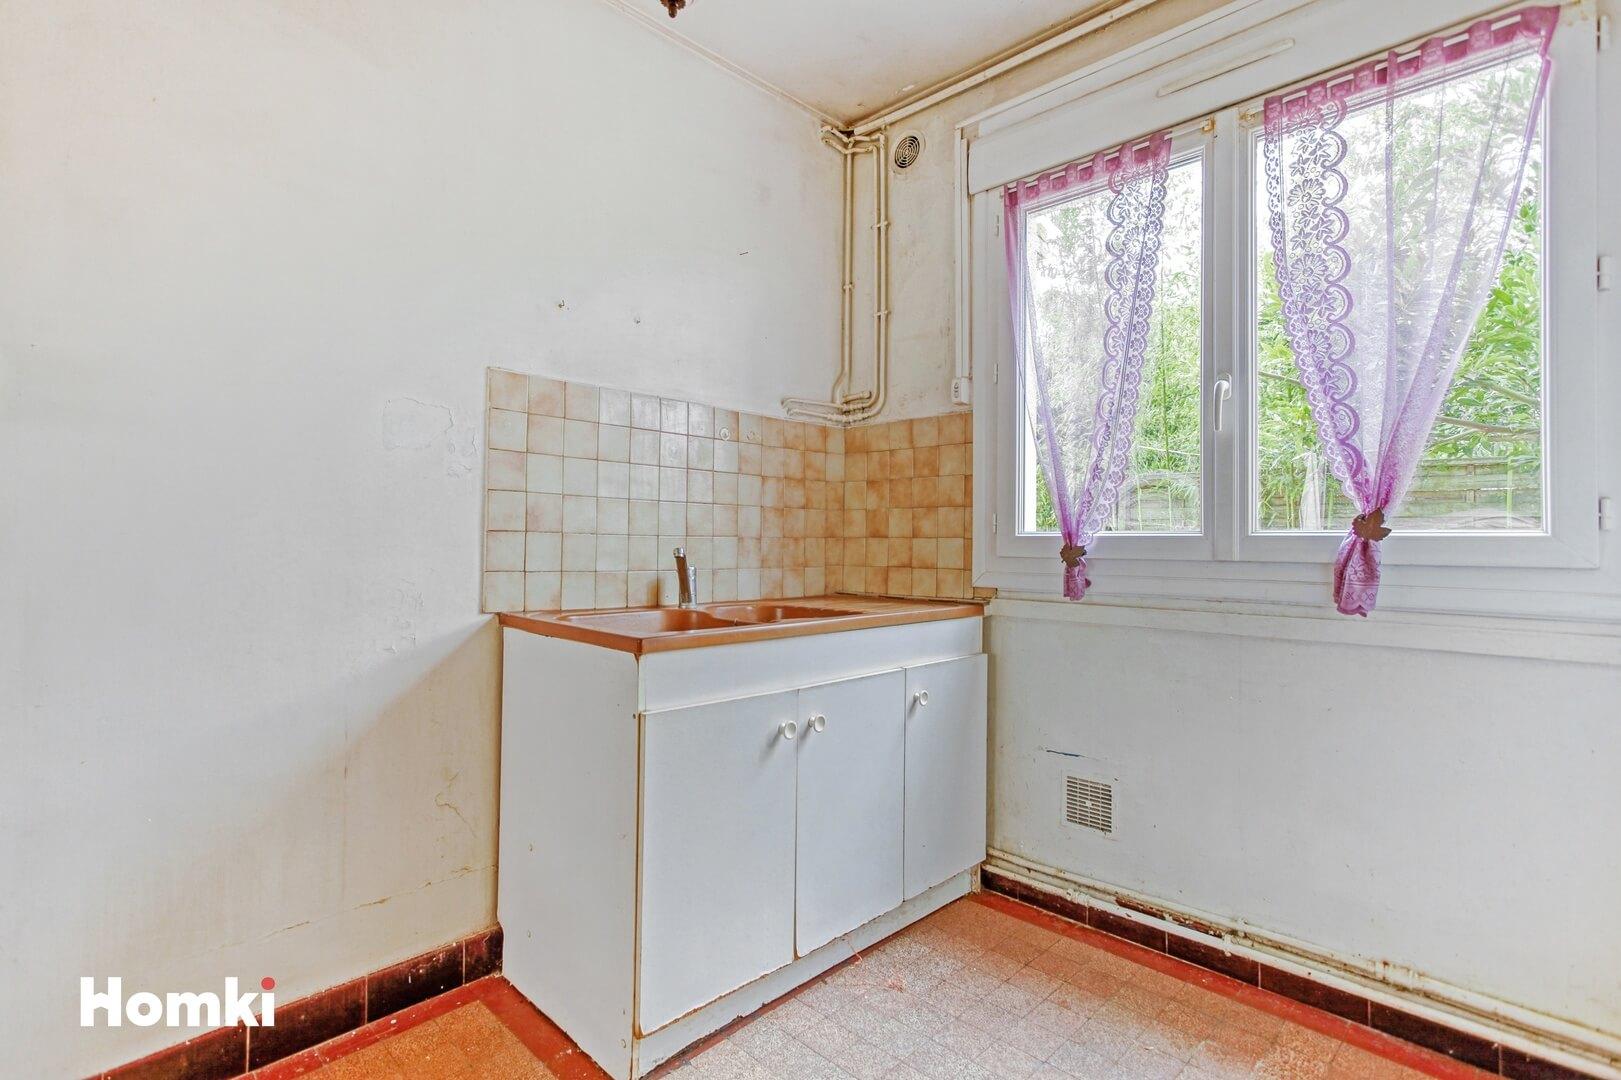 Homki - Vente Maison/villa  de 75.0 m² à Toulouse 31400